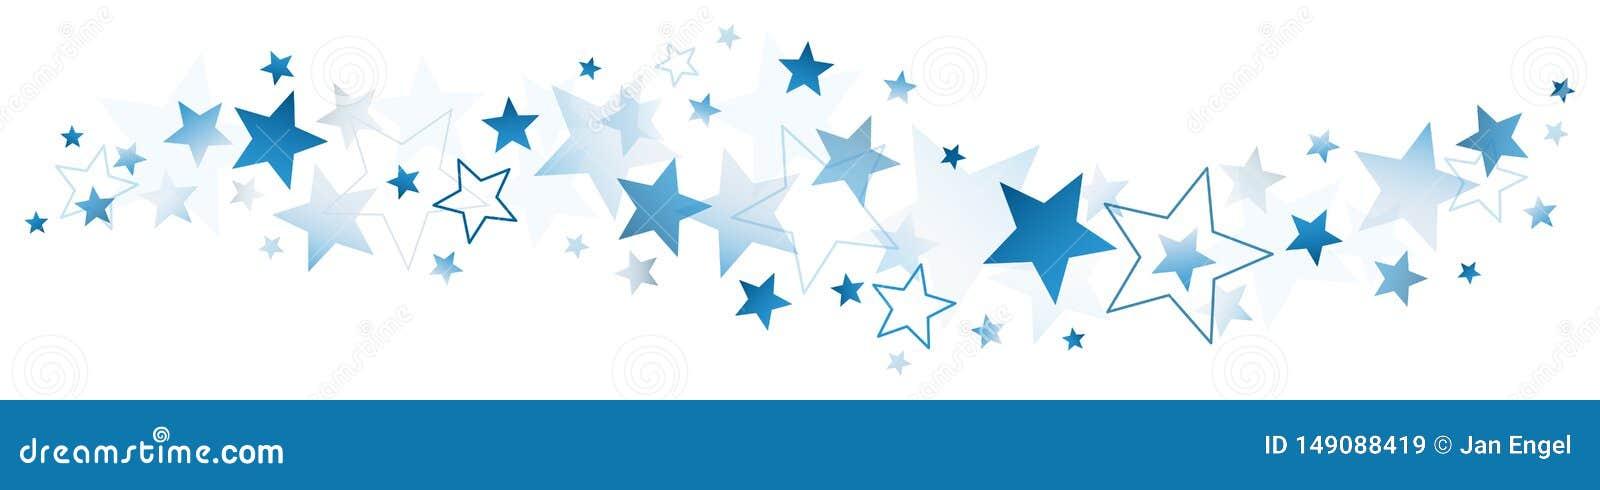 Σκούρο μπλε μεγάλα και μικρά αστέρια